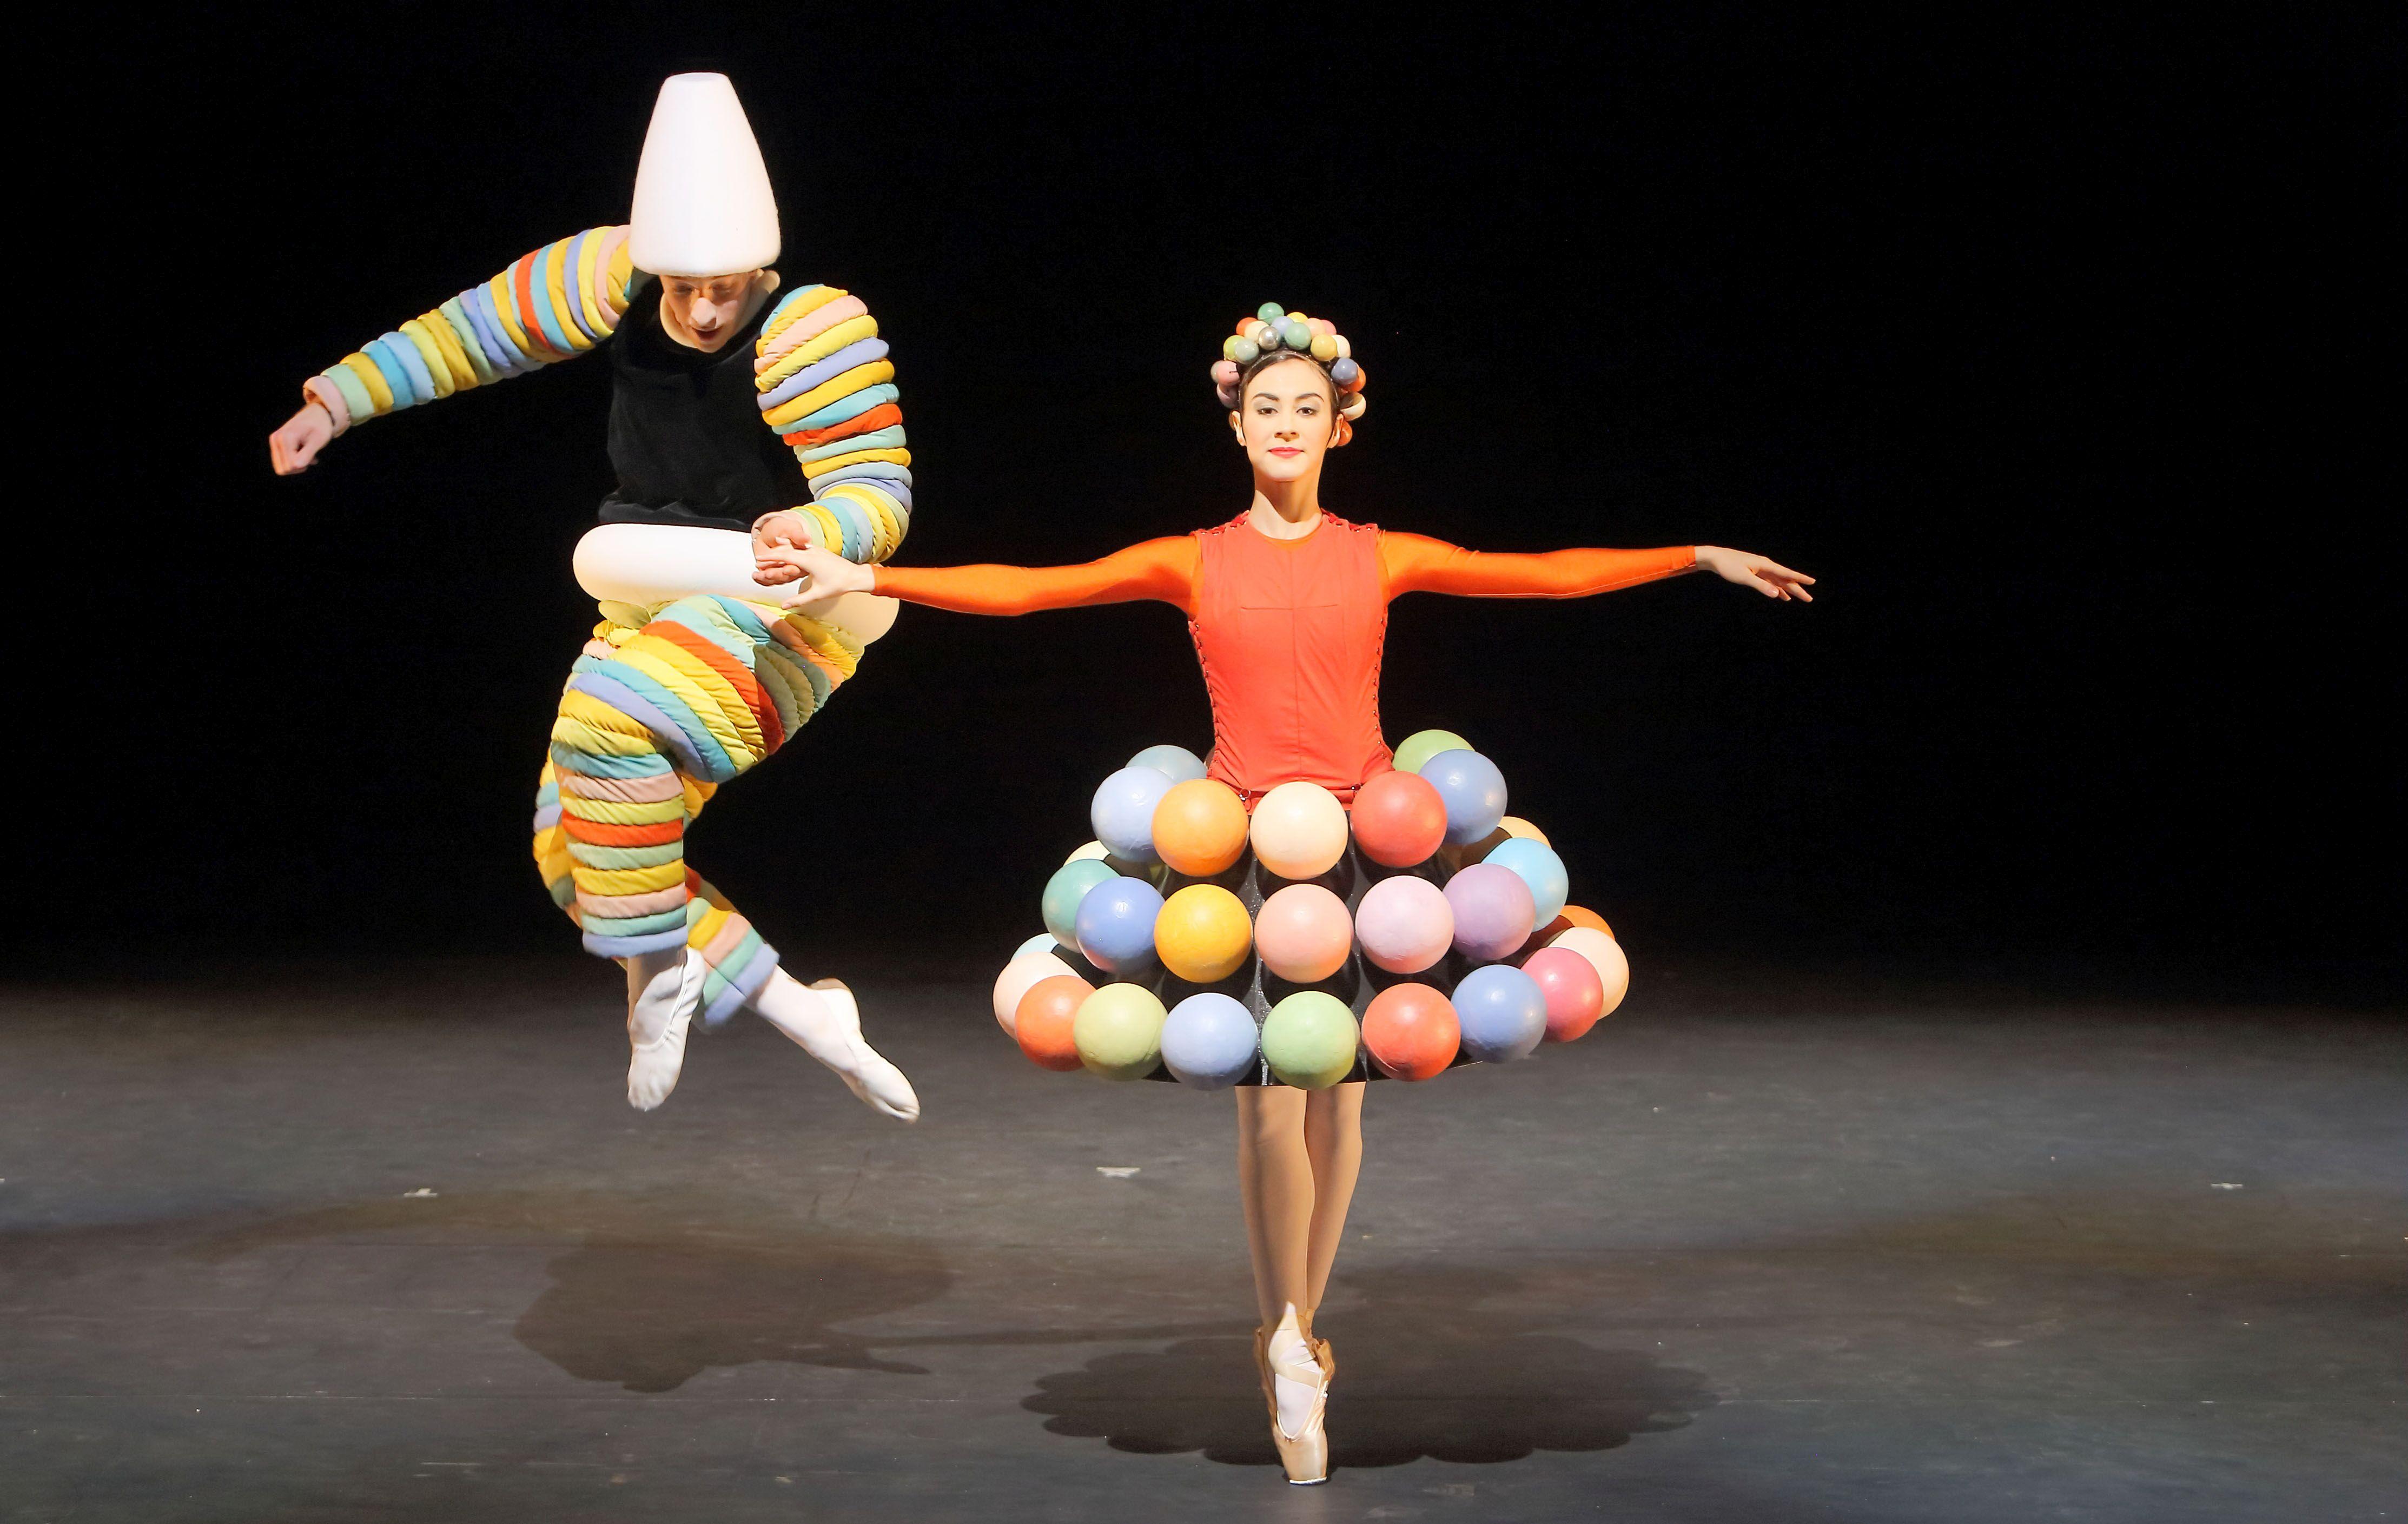 Das Triardische Ballett. Bayerisches Junior Ballett München, Foto: Wilfried Hösl